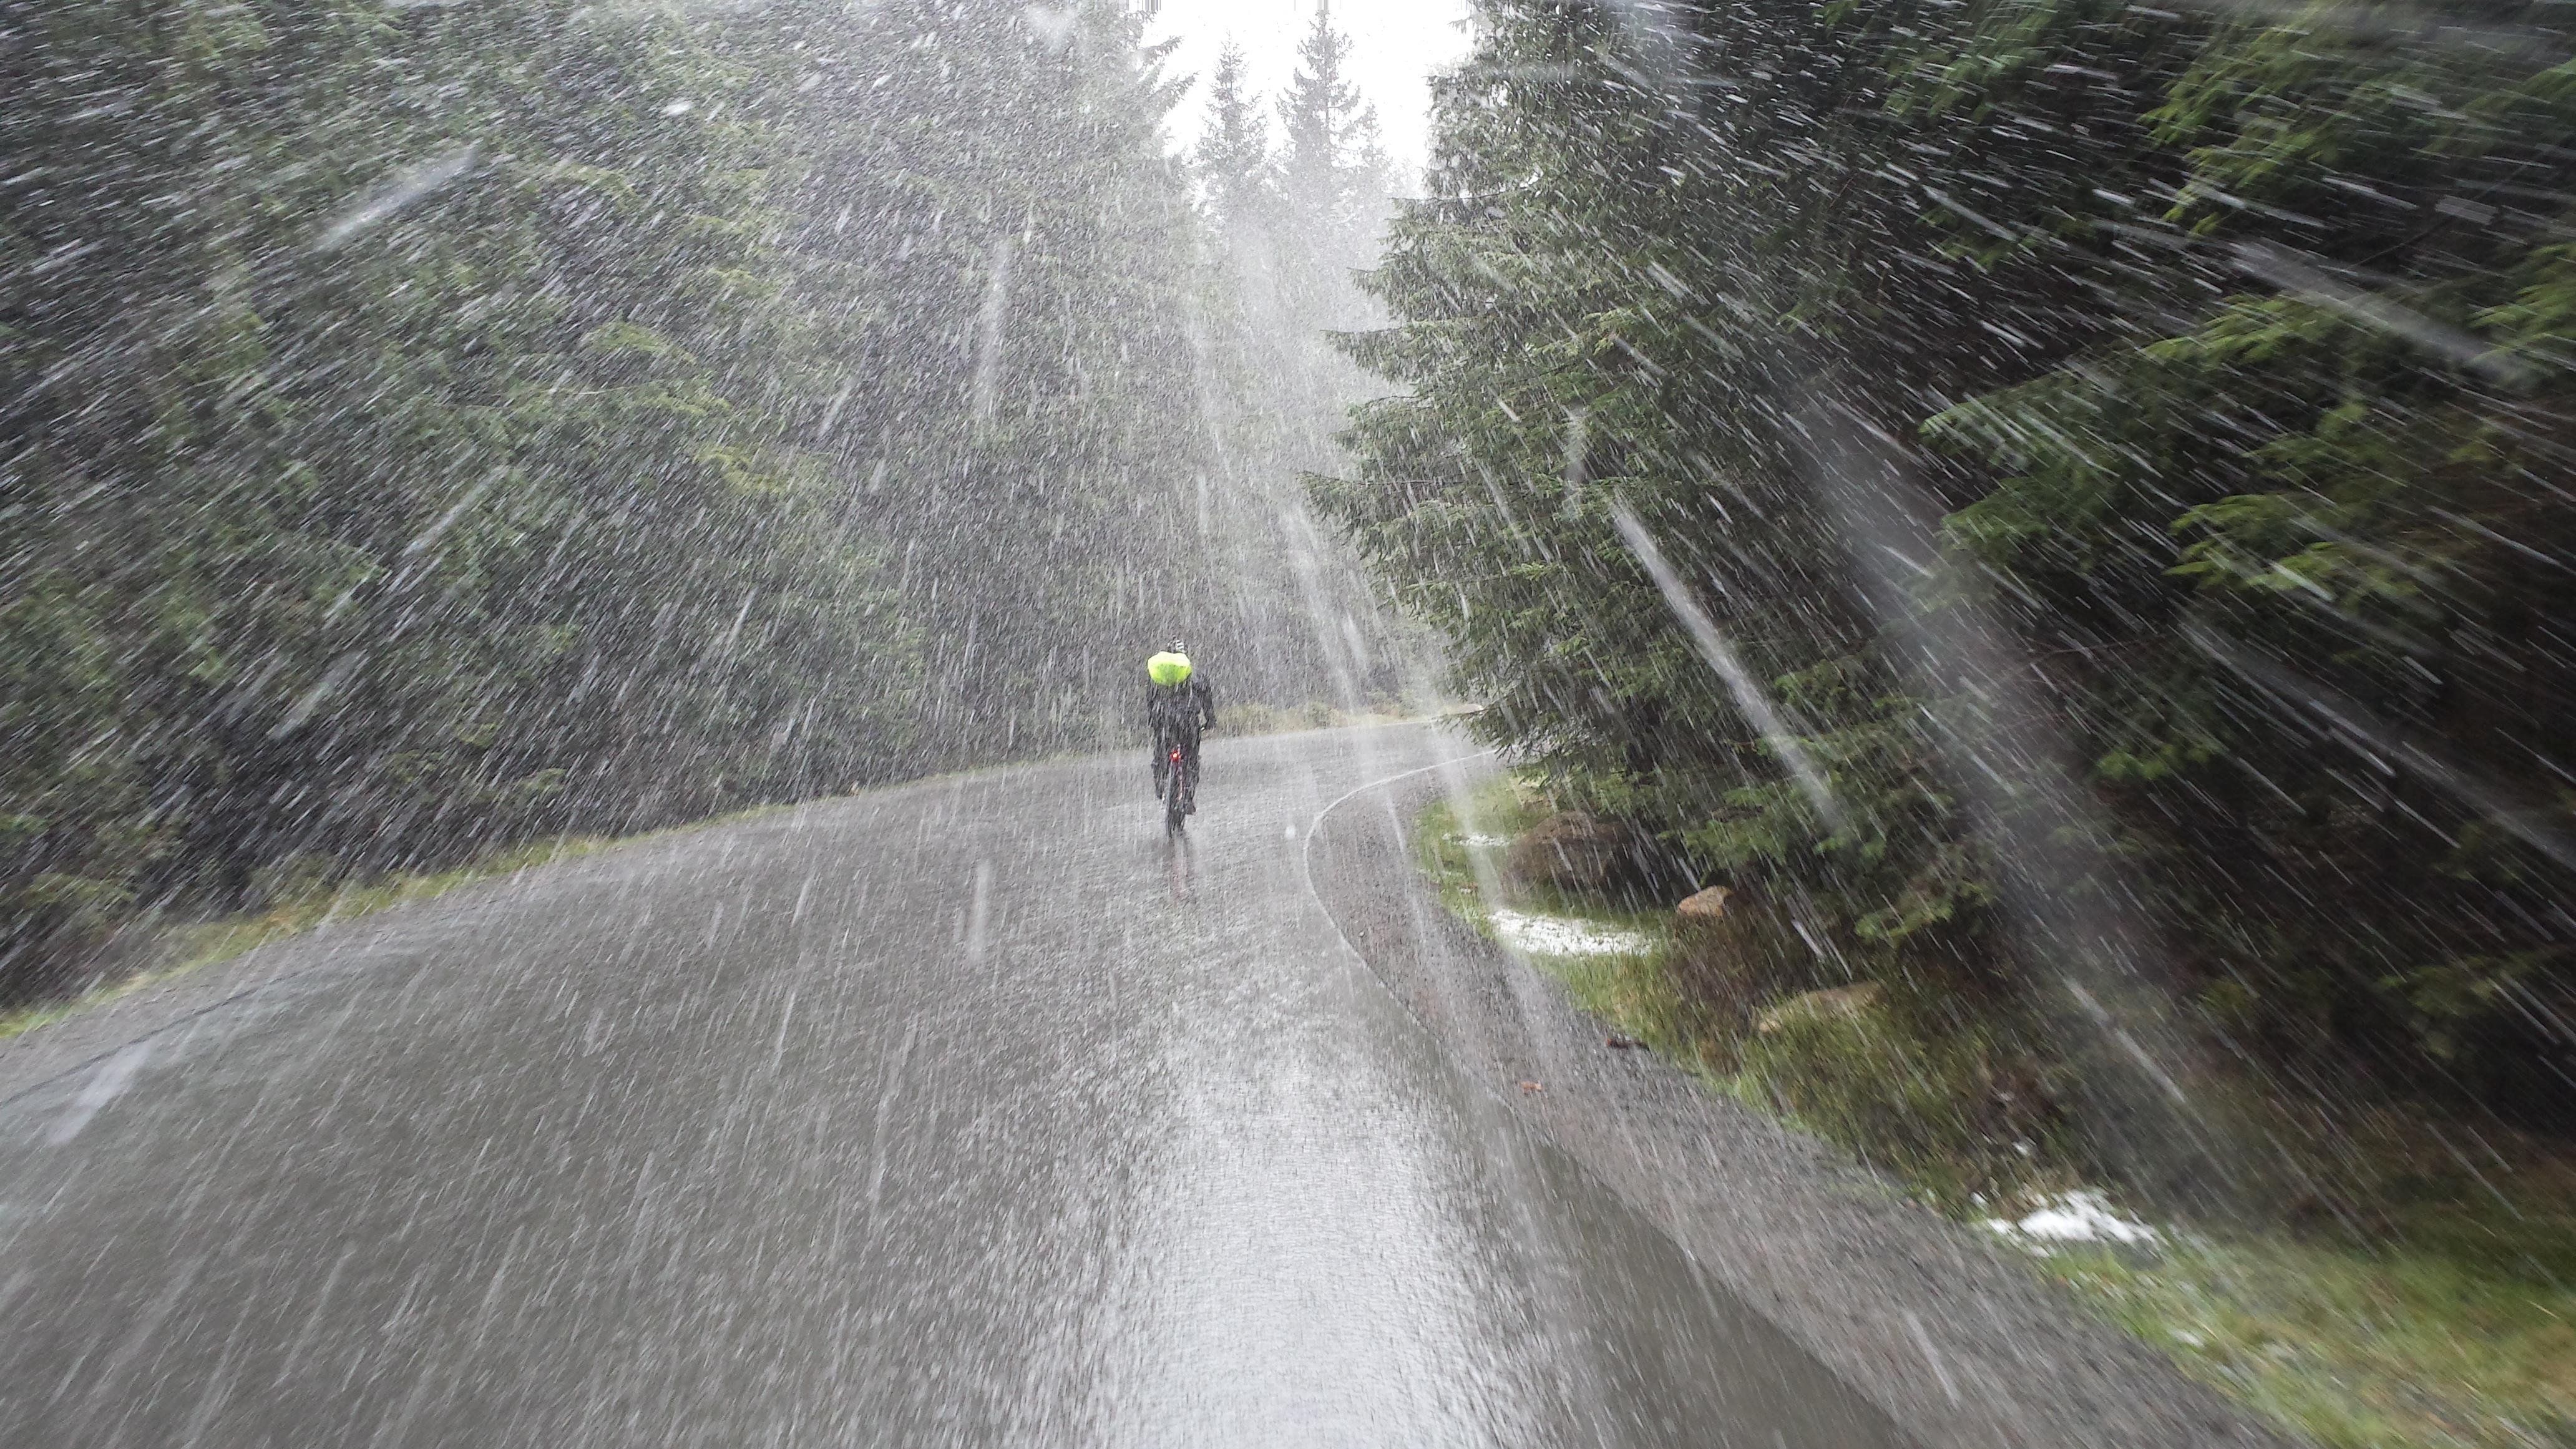 Die Abfahrt vom Brocken bei Schneeregen ist kein Zuckerschlecken.